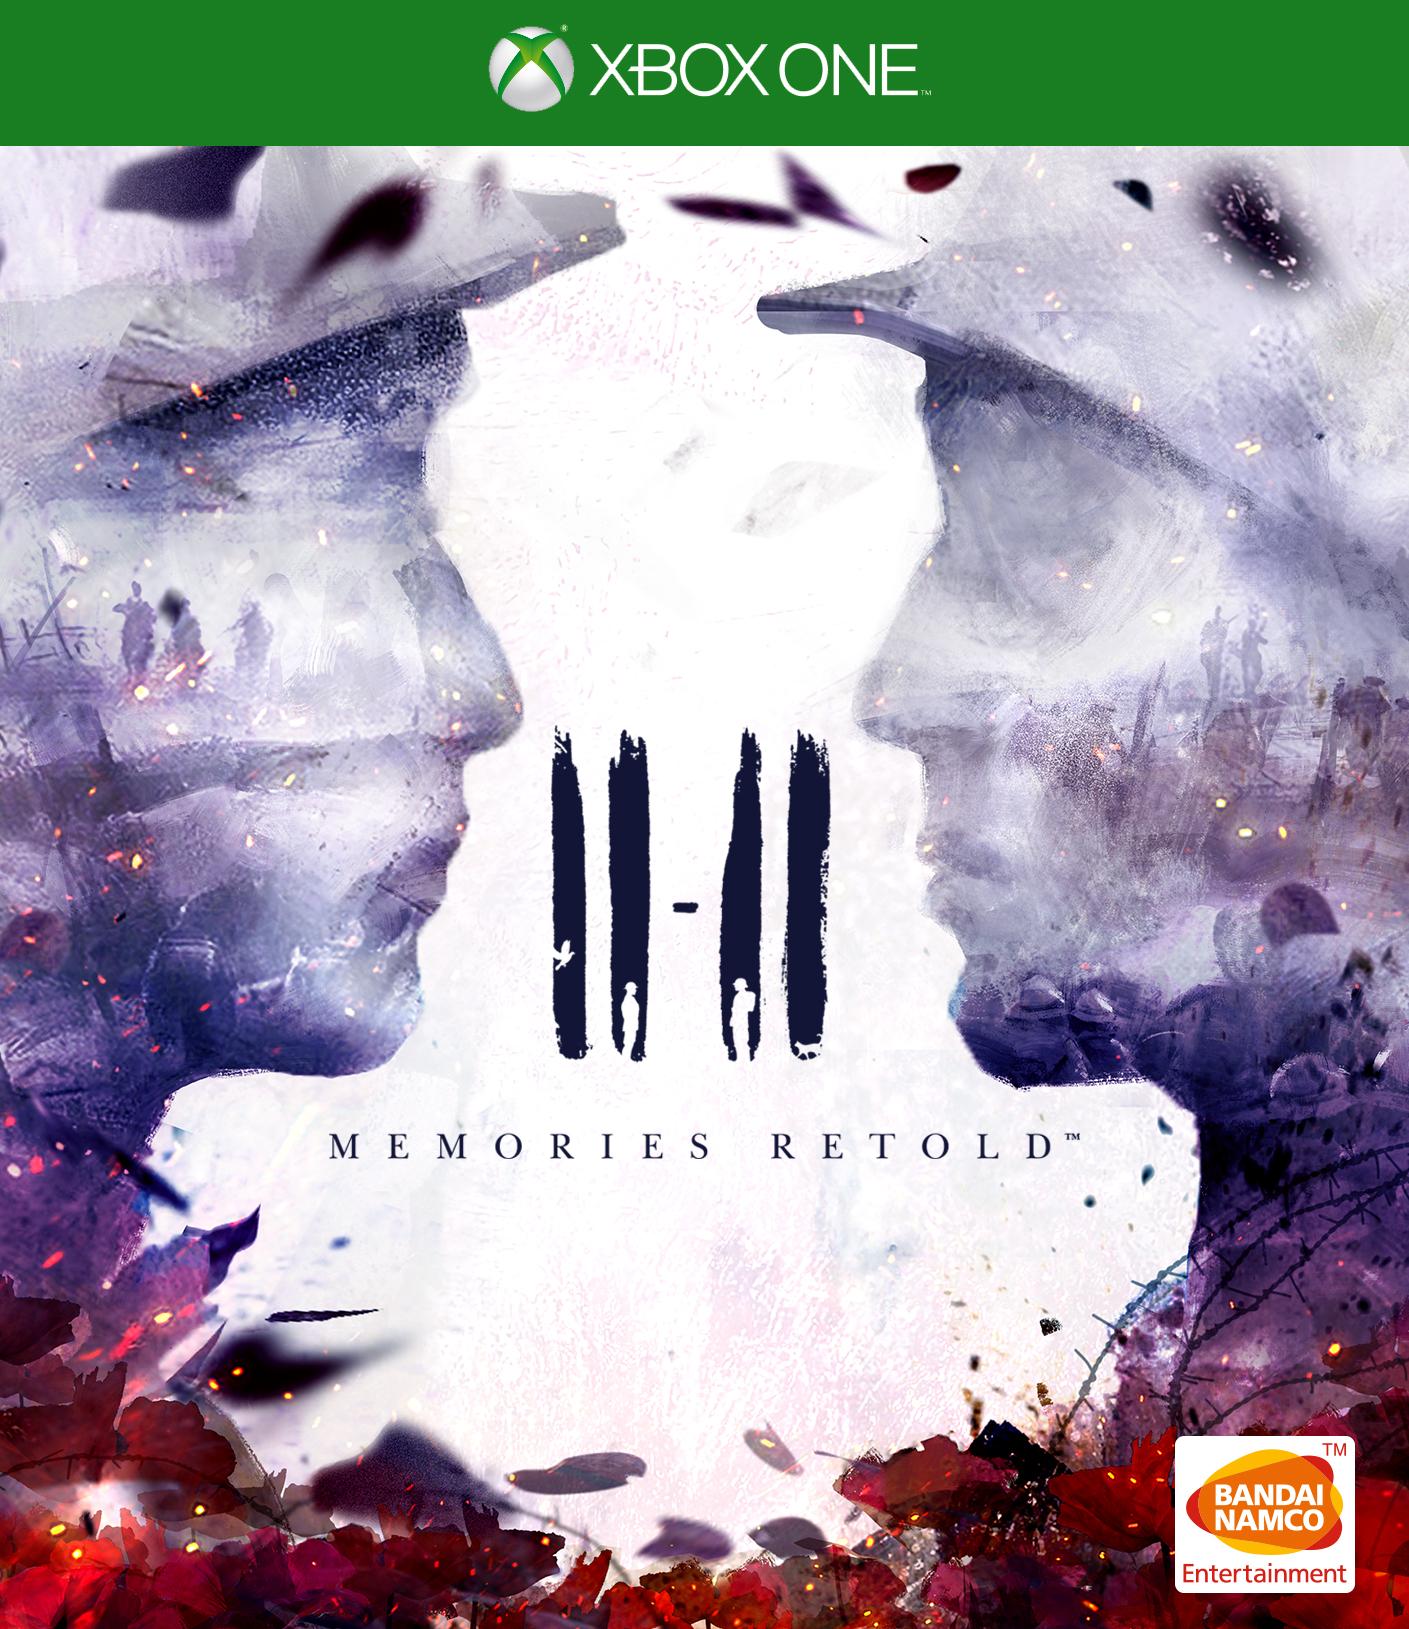 Бокс-арт (Xbox One) - 11-11: Memories Retold